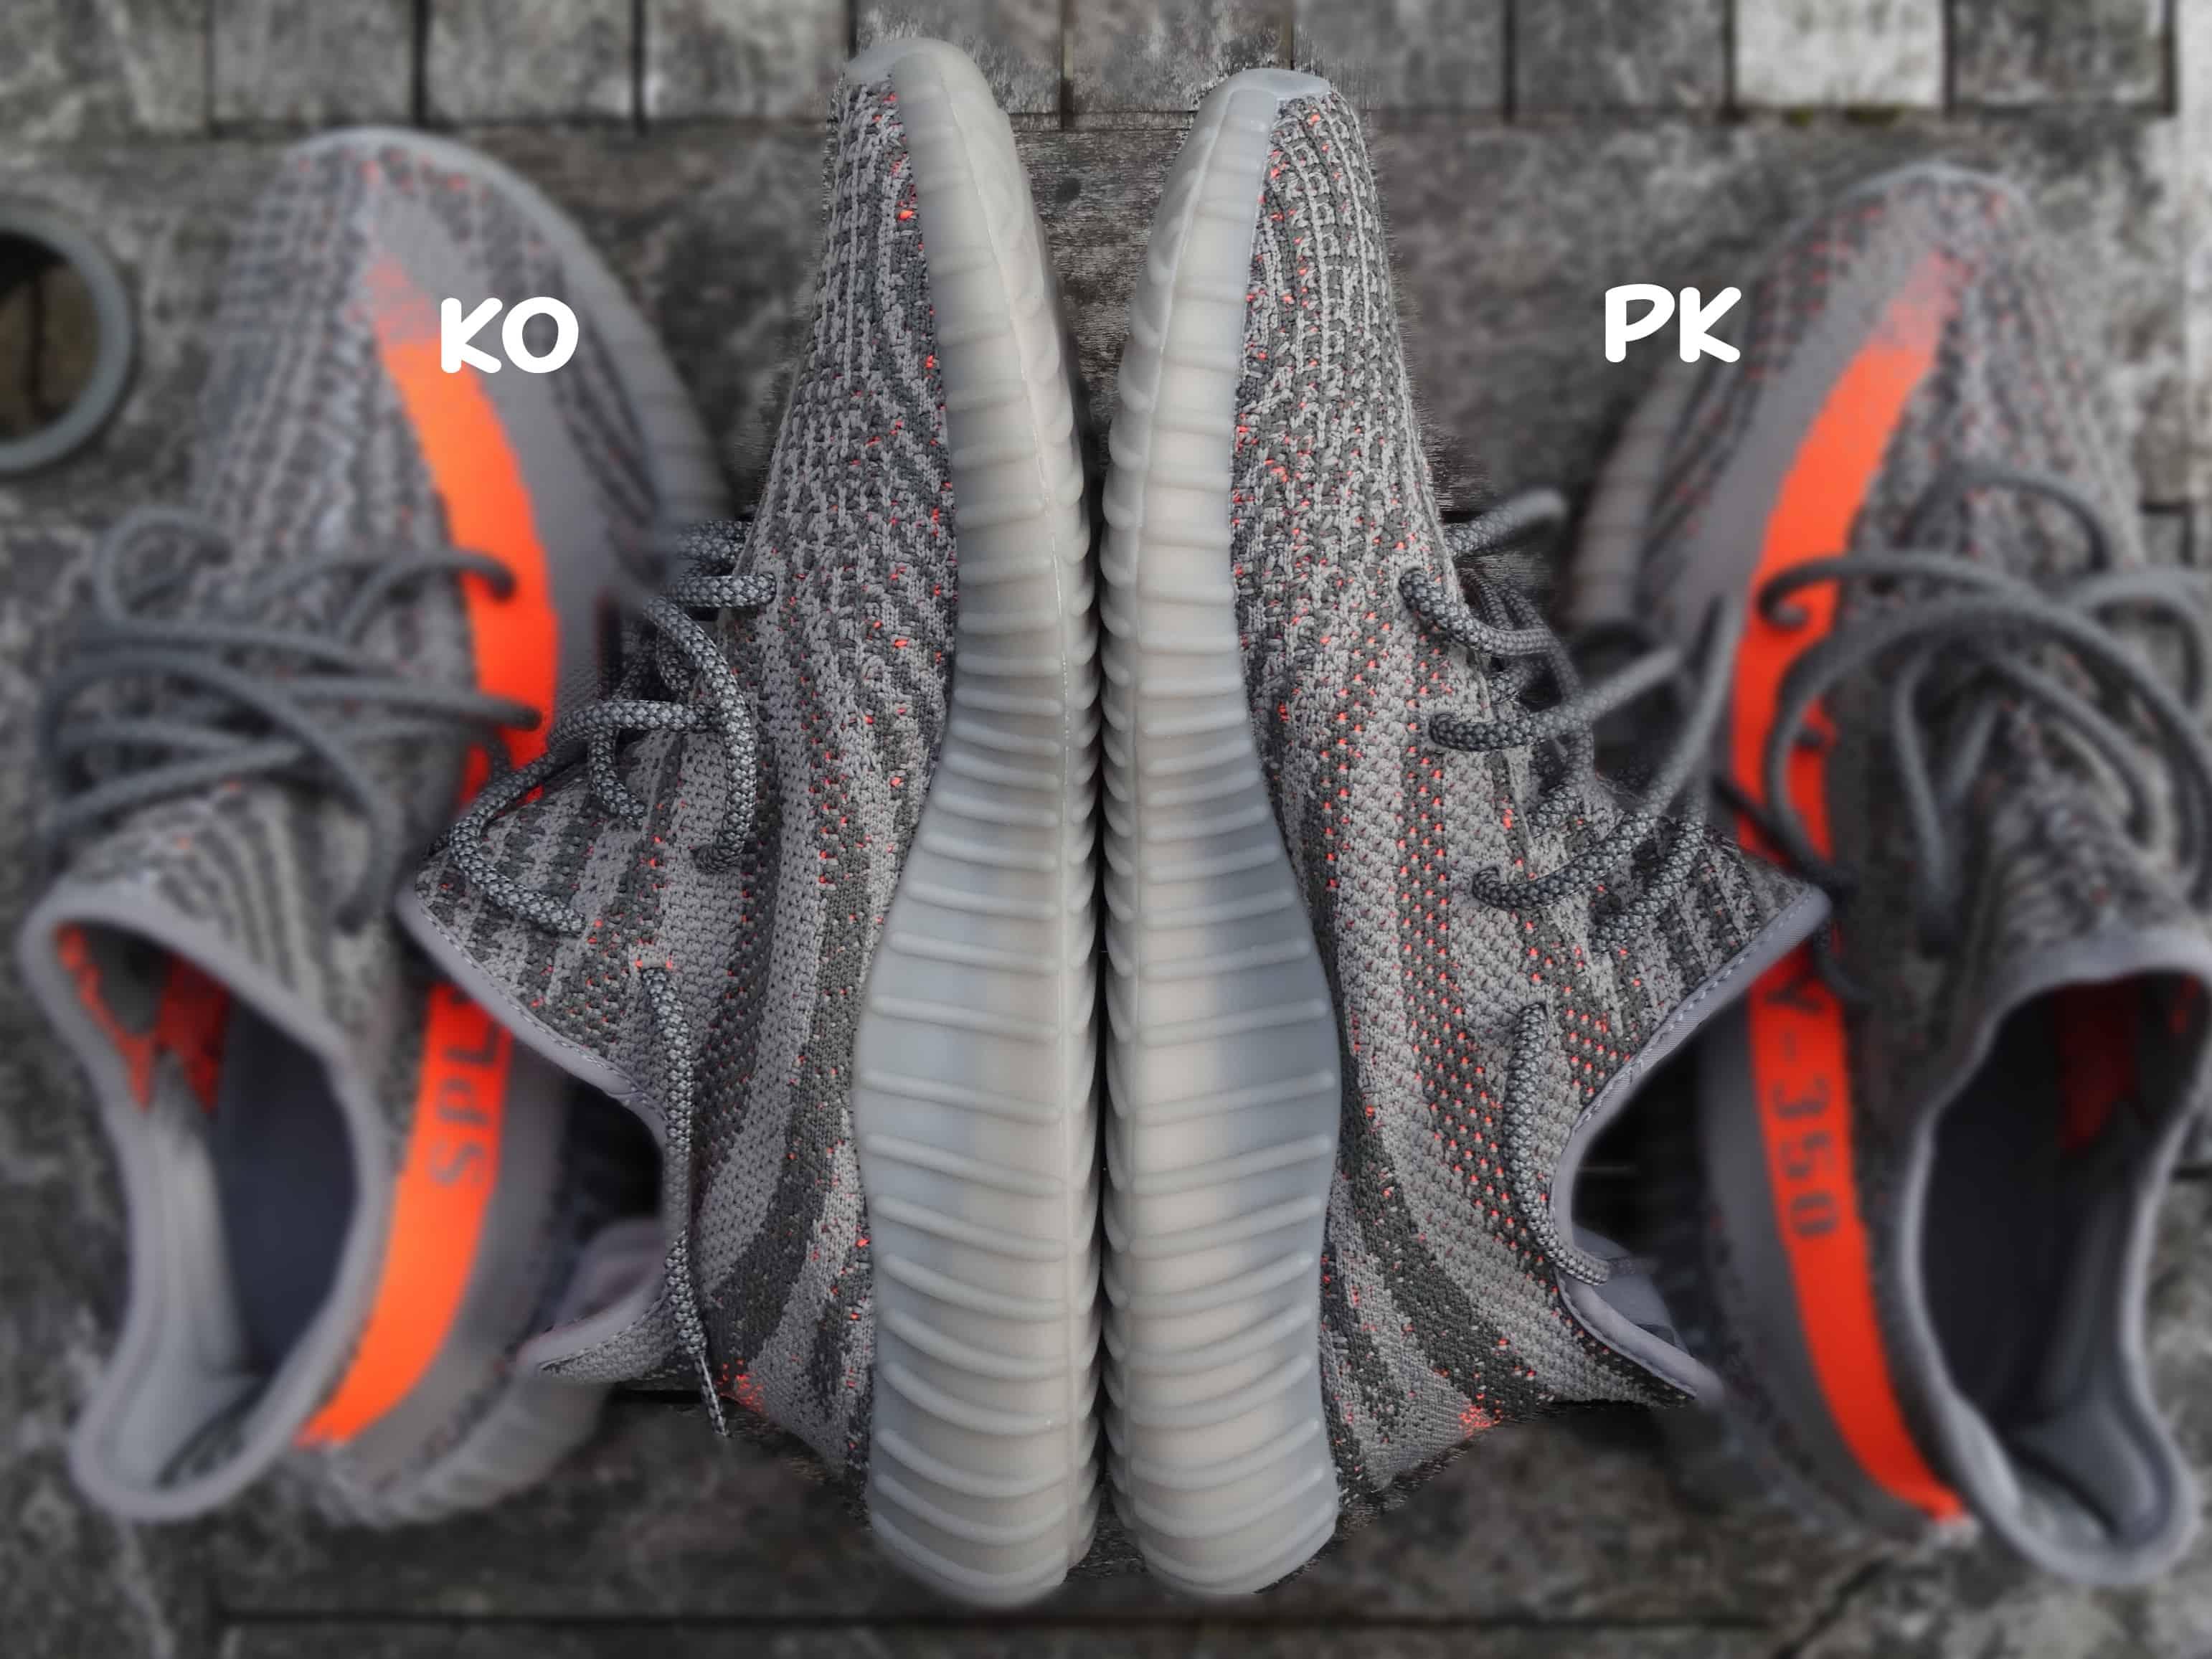 pk trong giày, perfect kicks